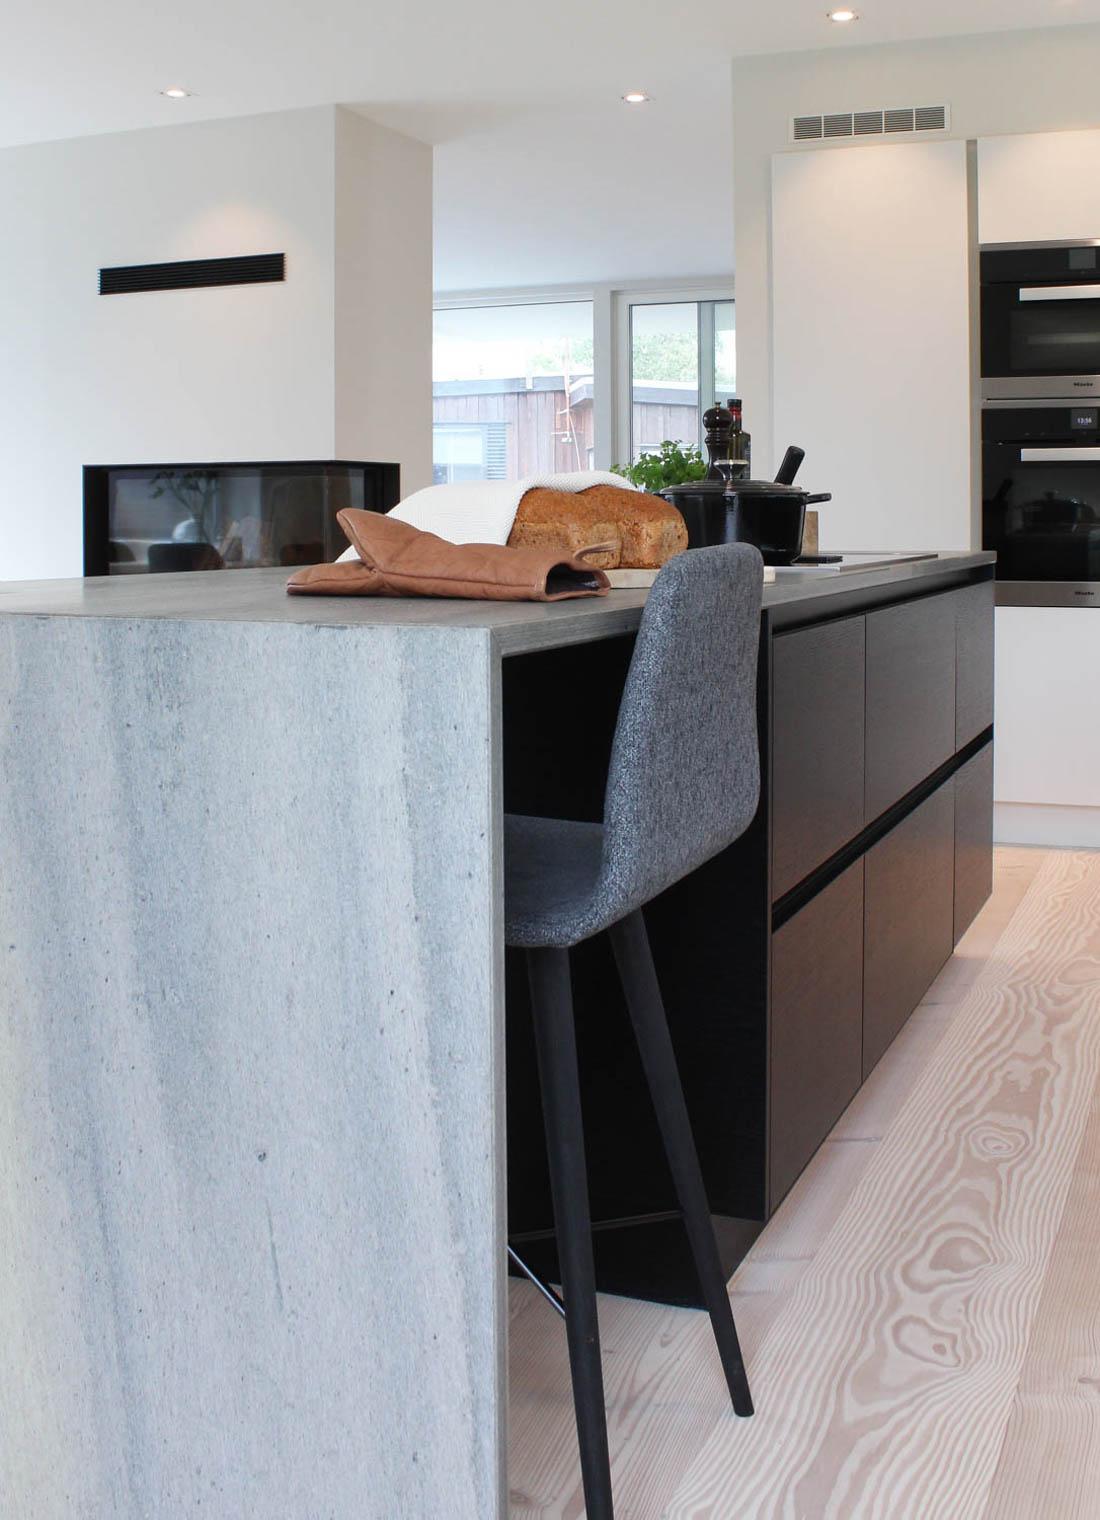 Et moderne kjøkken med en kjøkkenbenk i lys Oppdal silkebørstet skifer med fossefalldesign - at benken fortsetter ned til gulvet.